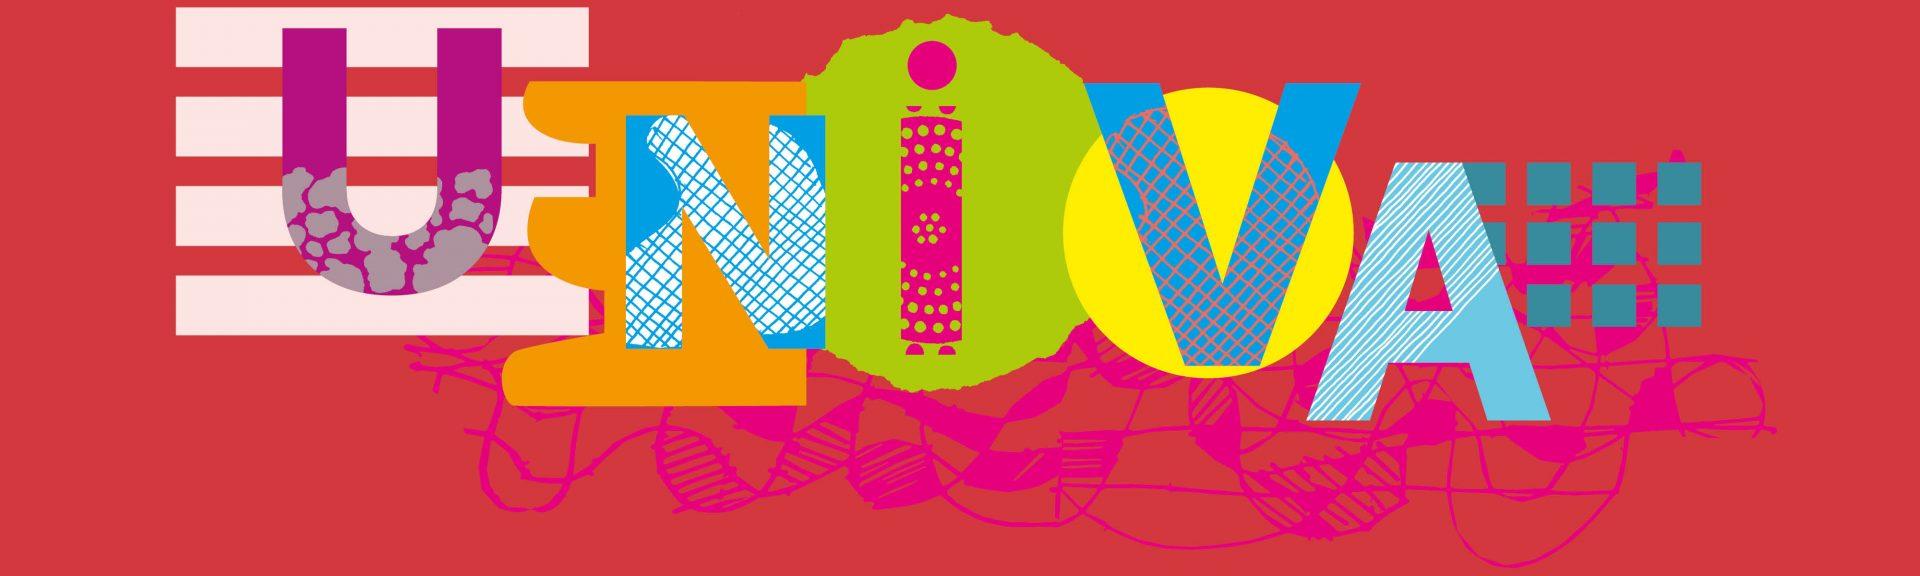 UNIVA, formation pour auditeurs libres